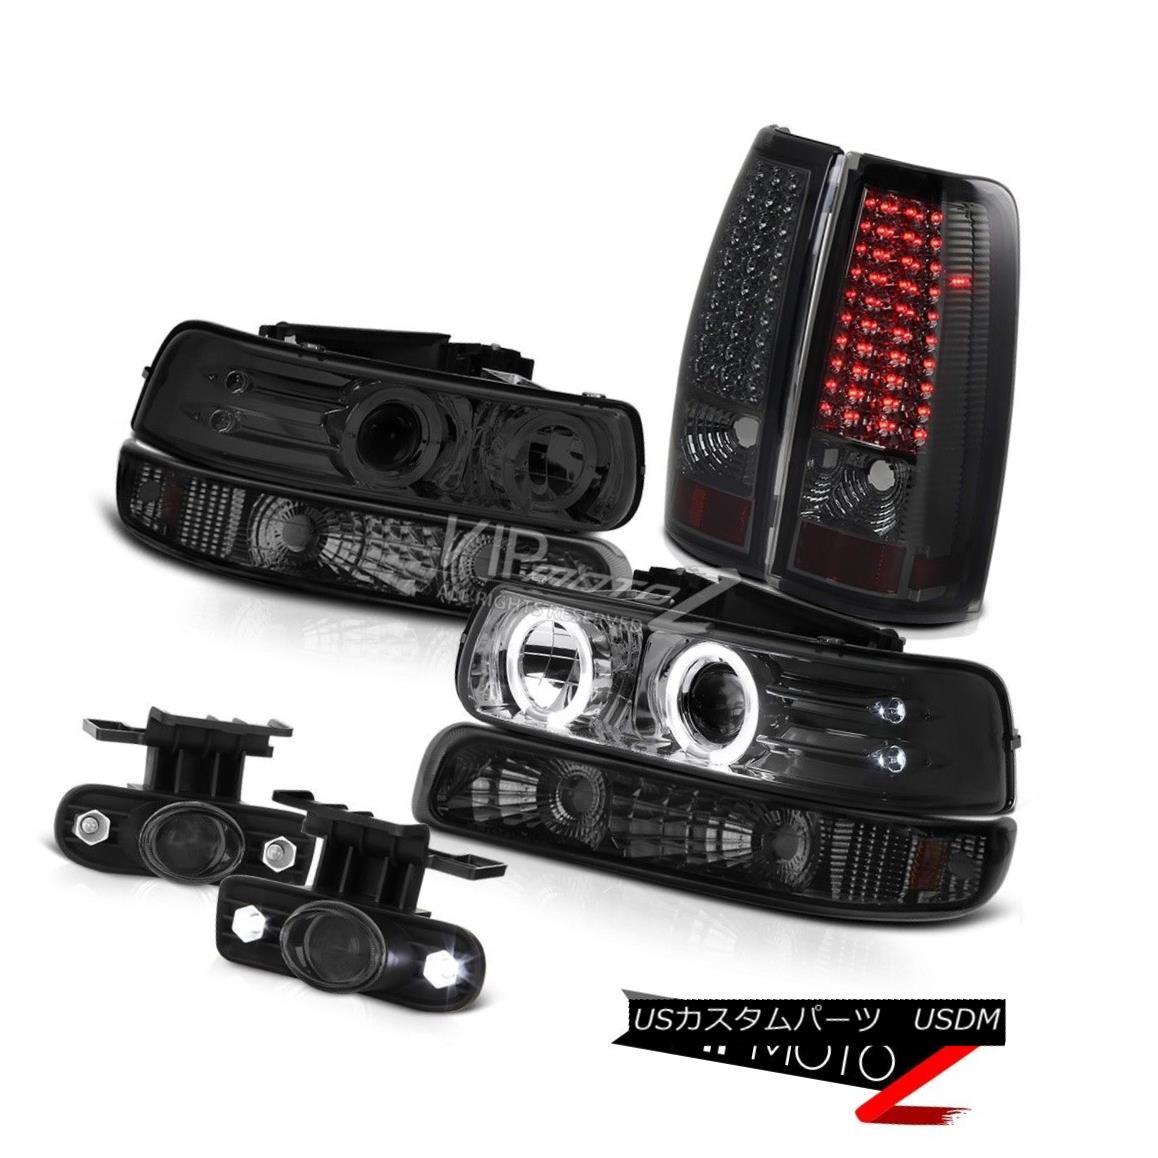 ヘッドライト 99 00 01 02 Silverado WT Headlight Halo Smoke Bumper Signal Taillights LED Fog 99 00 01 02 Silverado WTヘッドライトHalo Smokeバンパーシグナル・テールライトLED Fog